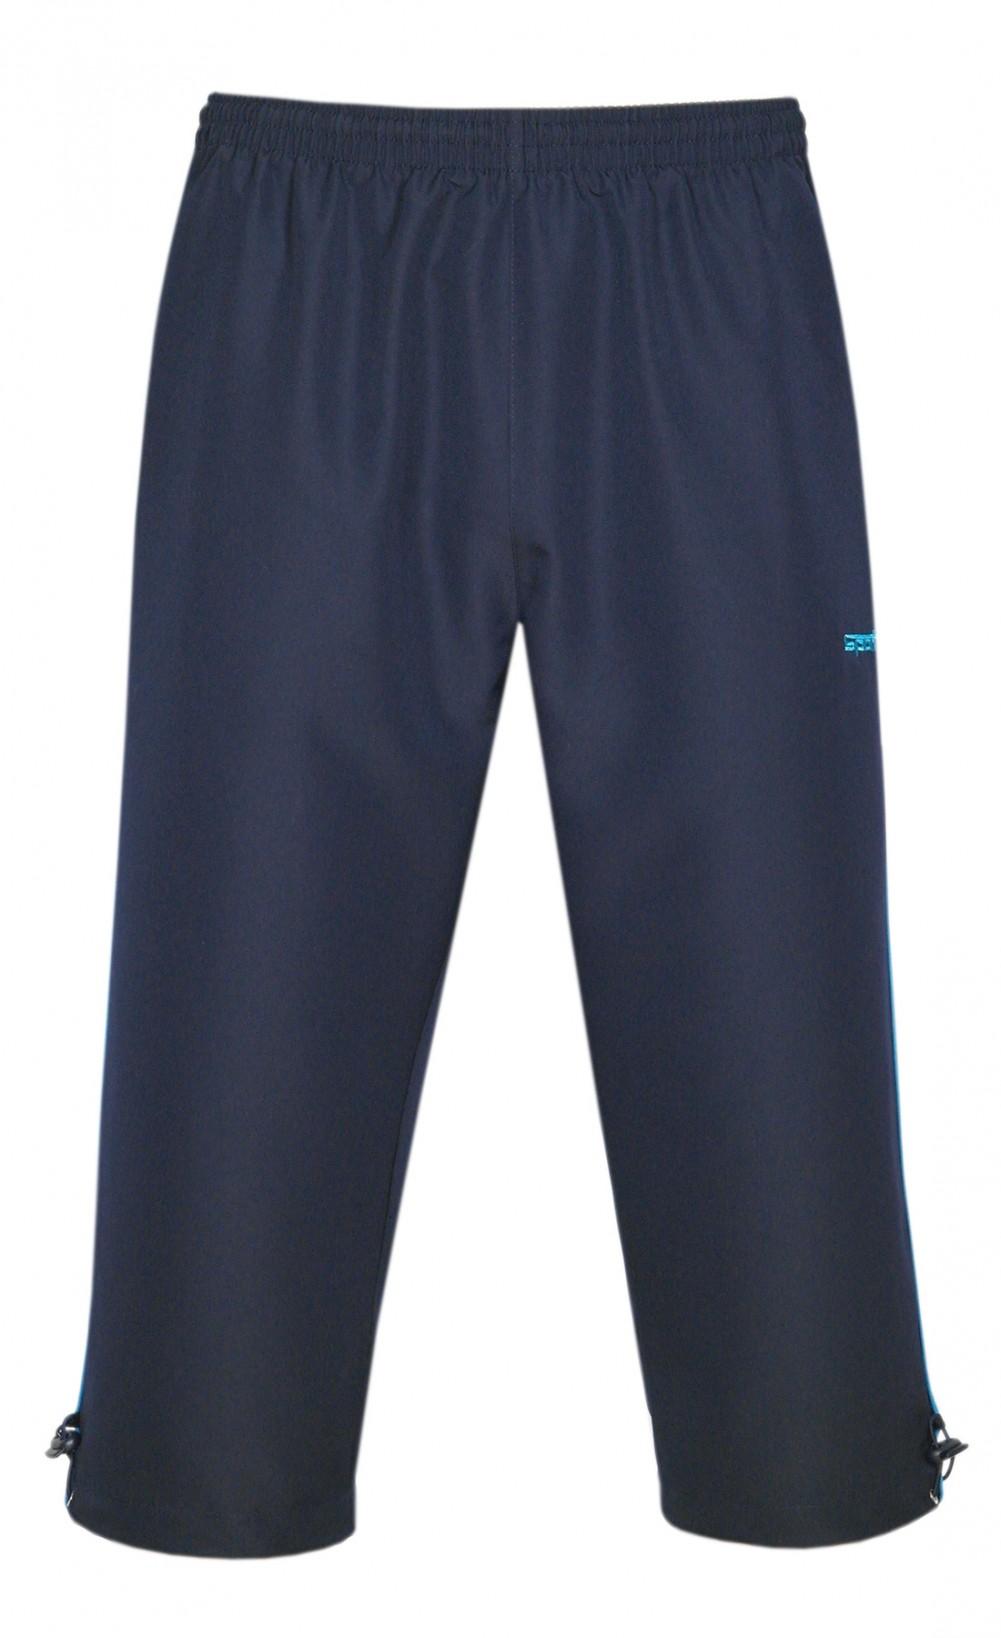 Microfaser 3/4 Hose - Bermudas Shorts Herren - Dunkelblau